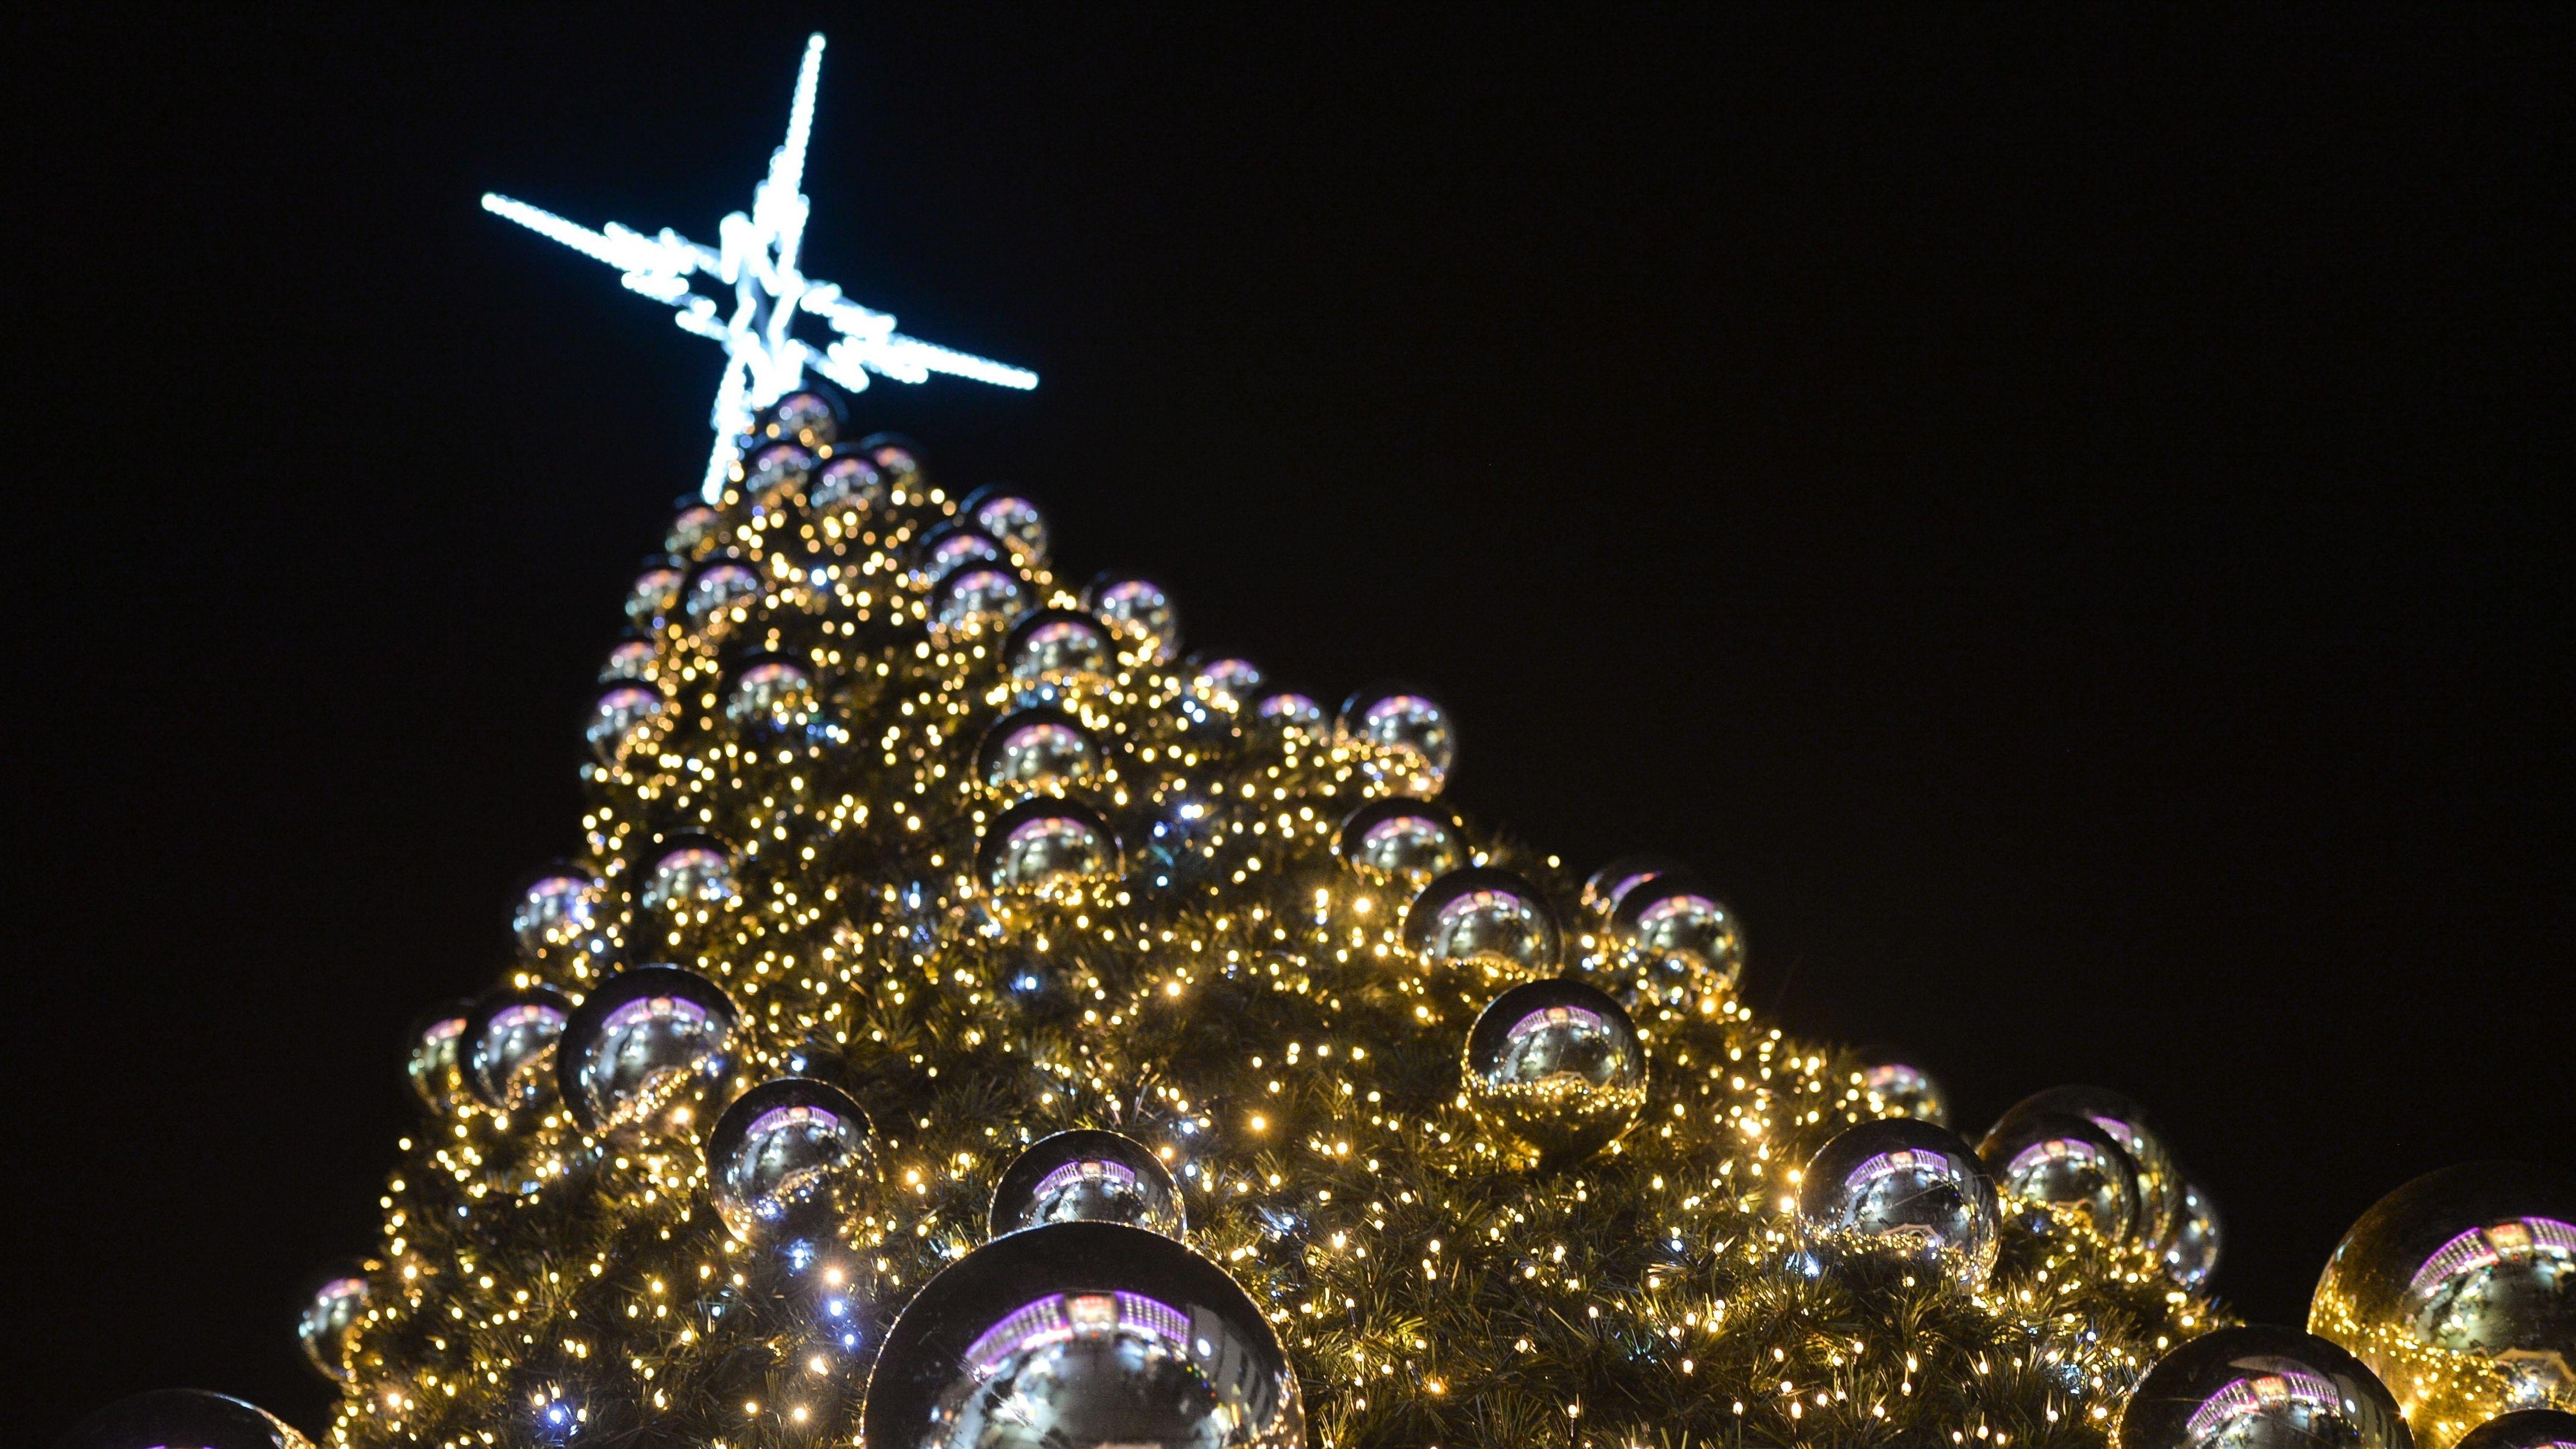 Blick von unten auf einen geschmückten Weihnachtsbaum.